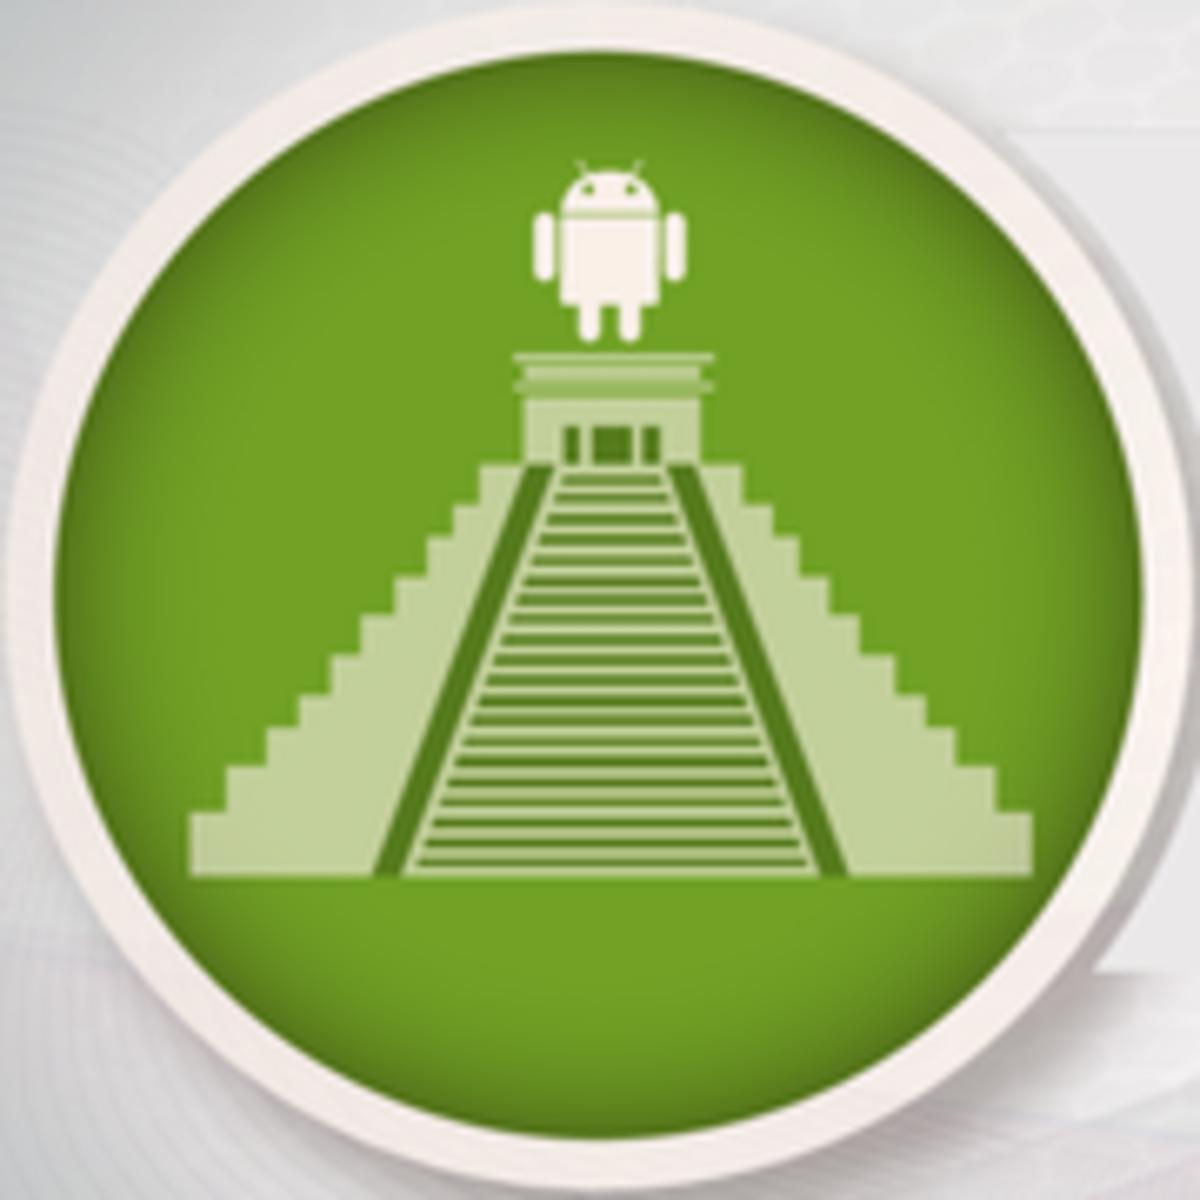 Proyecto final - Construyendo una aplicación profesional con Android